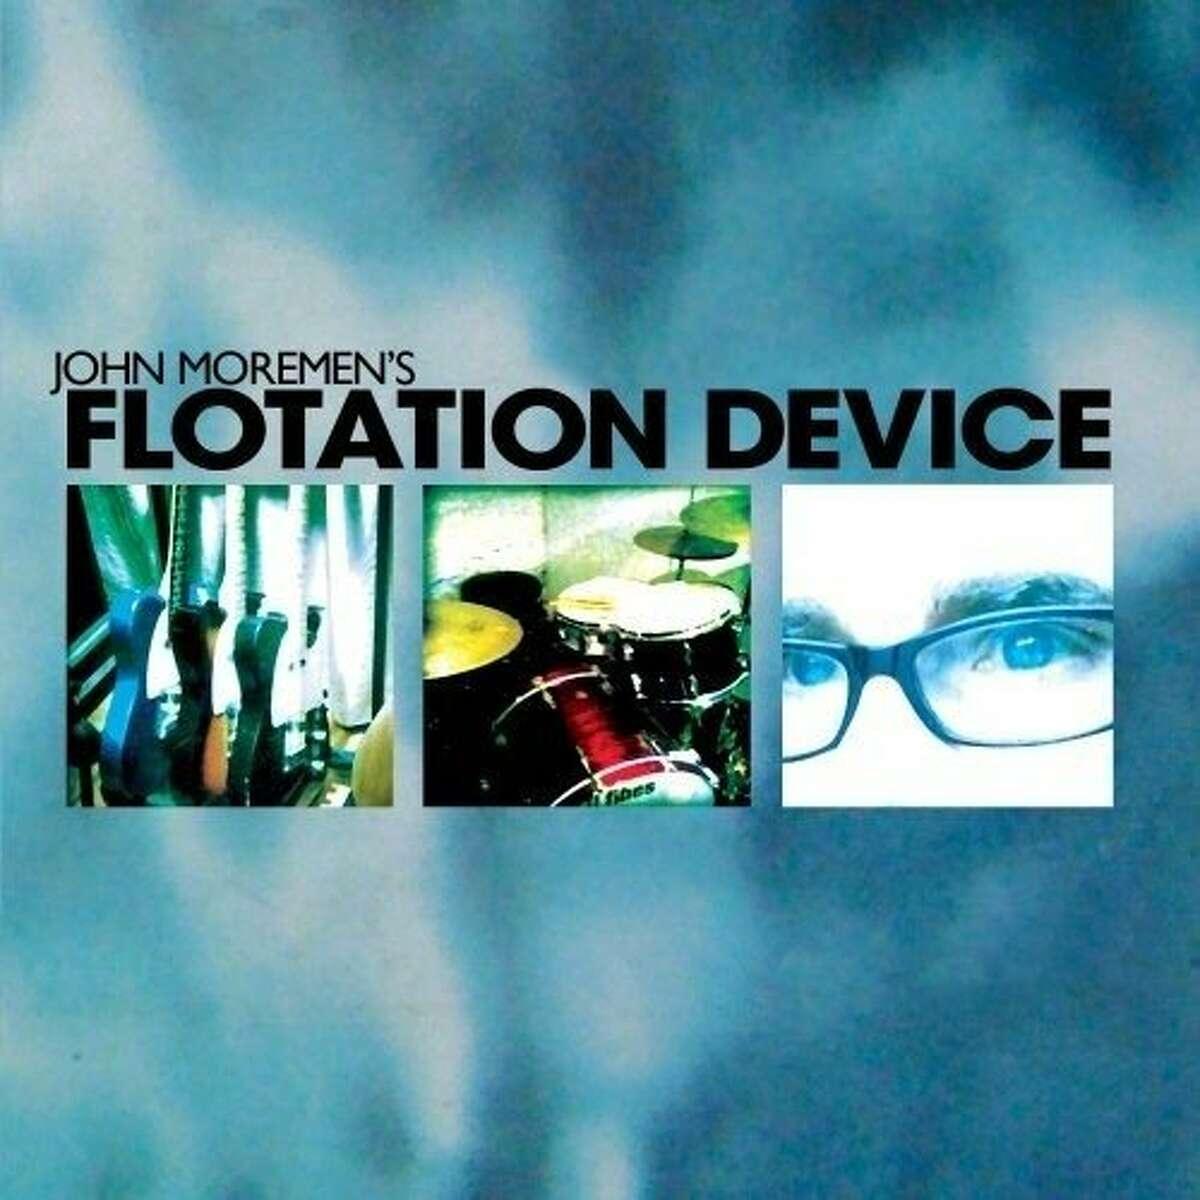 CD cover for John Moremen's